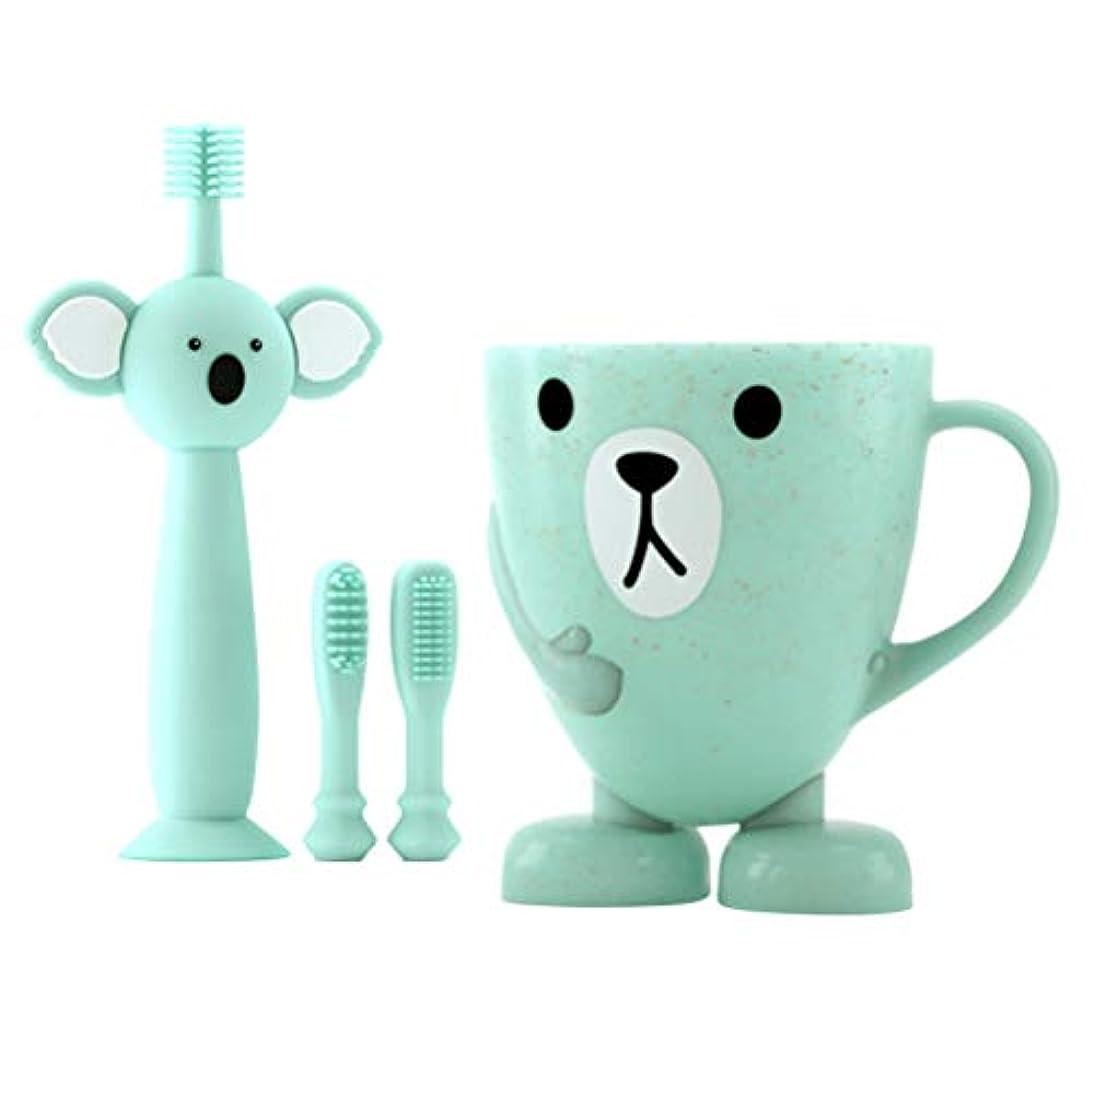 注目すべき両方グローTOYANDONA 赤ちゃんの歯のクリーニングセット幼児シリコン歯ブラシ2個付き交換用ブラシヘ??ッドカップ4個